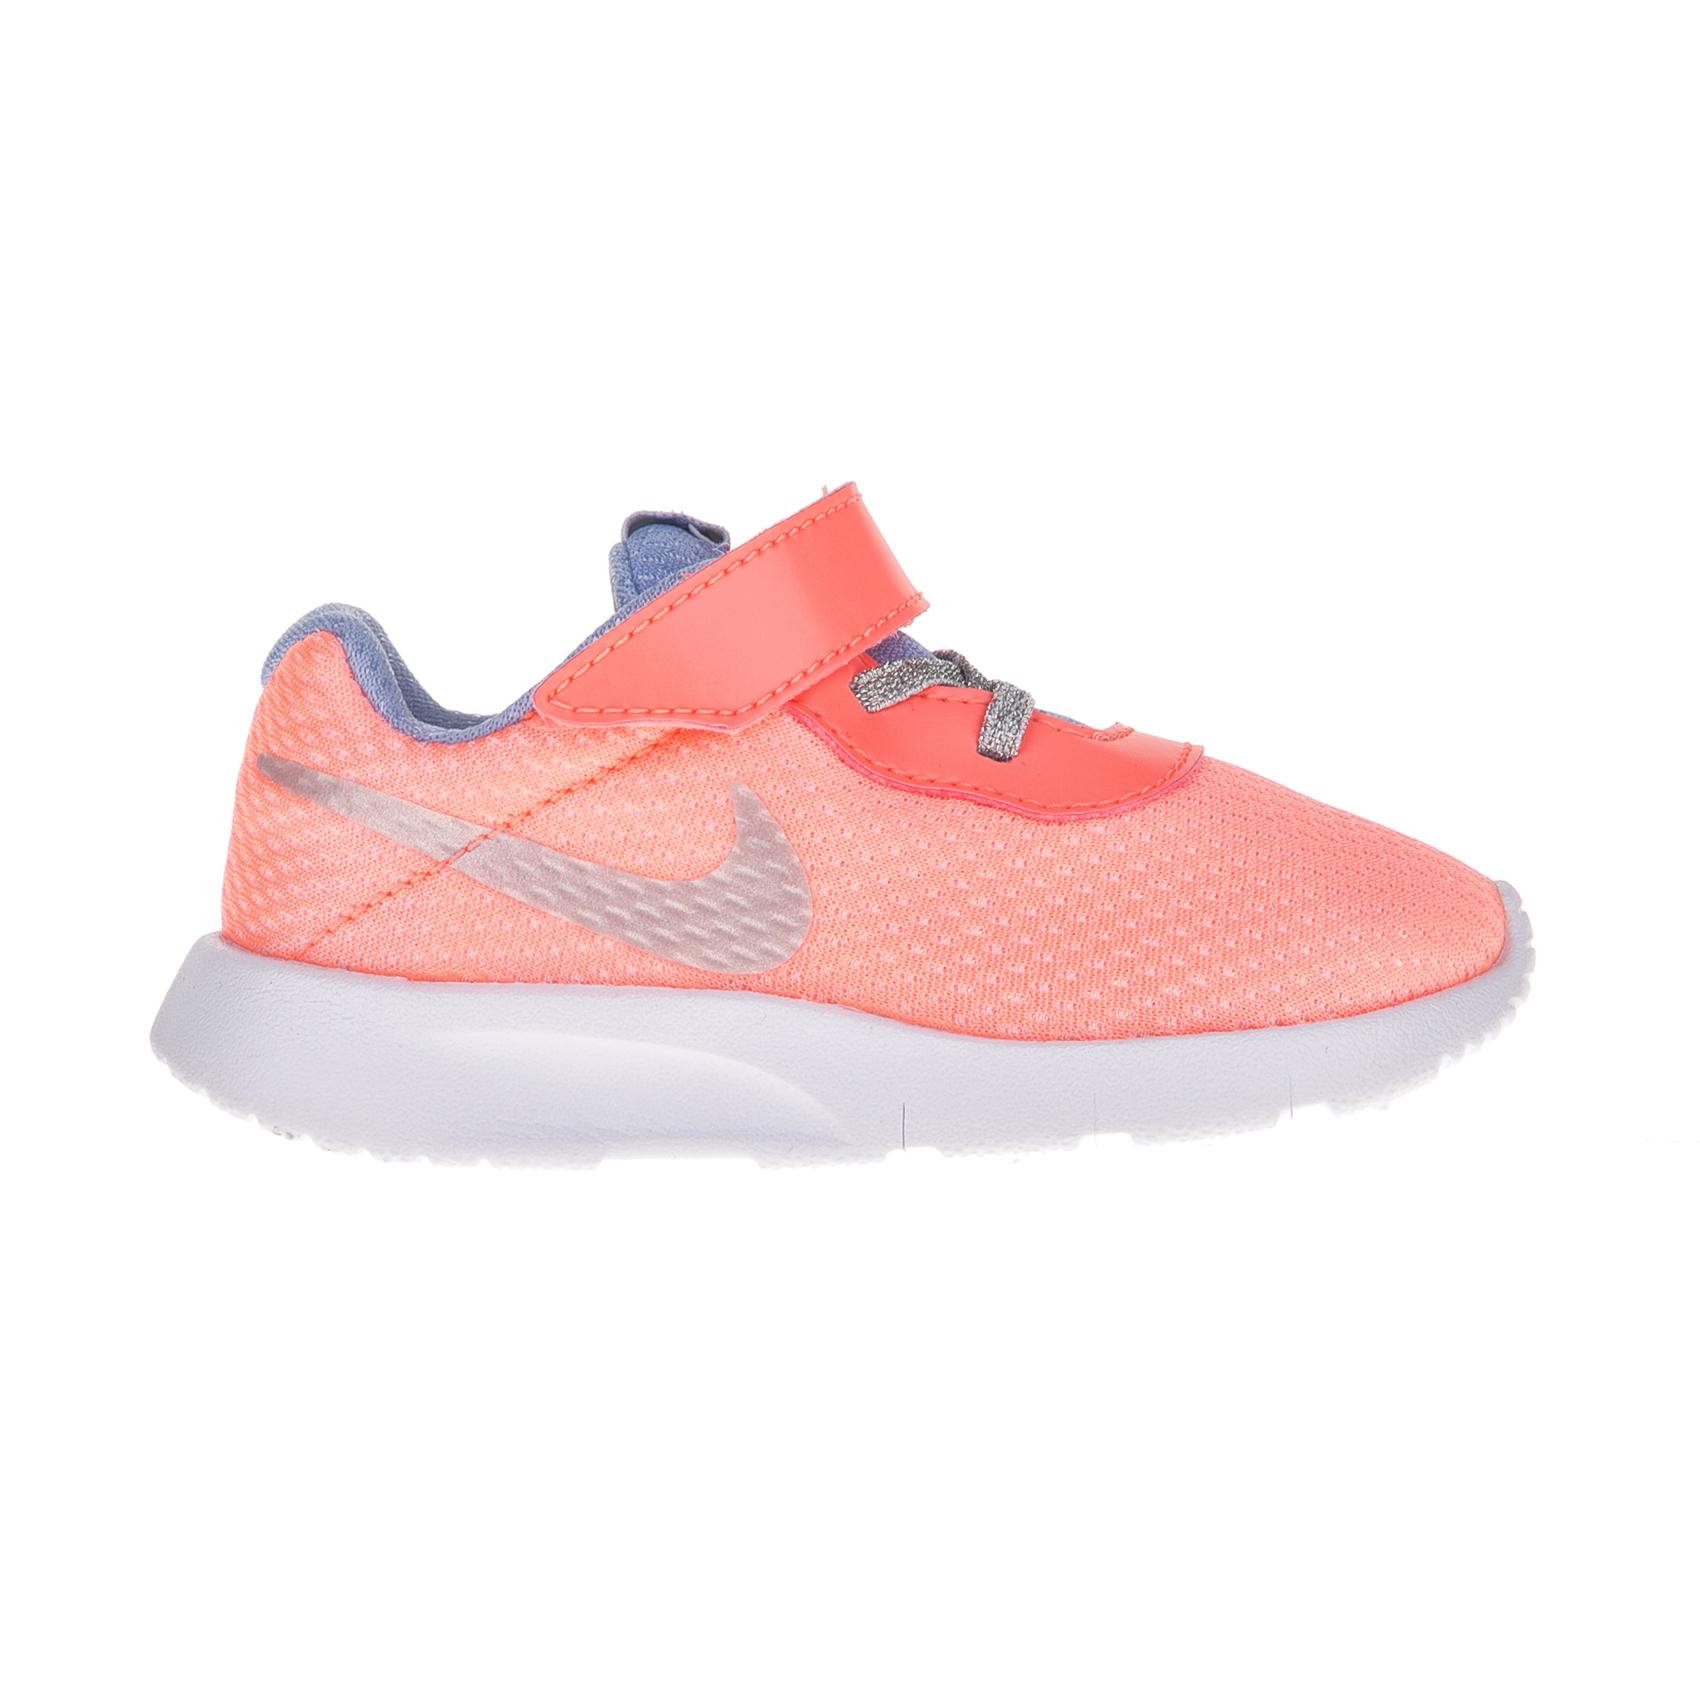 NIKE – Βρεφικά παπούτσια Nike TANJUN SE (TDV) ροζ